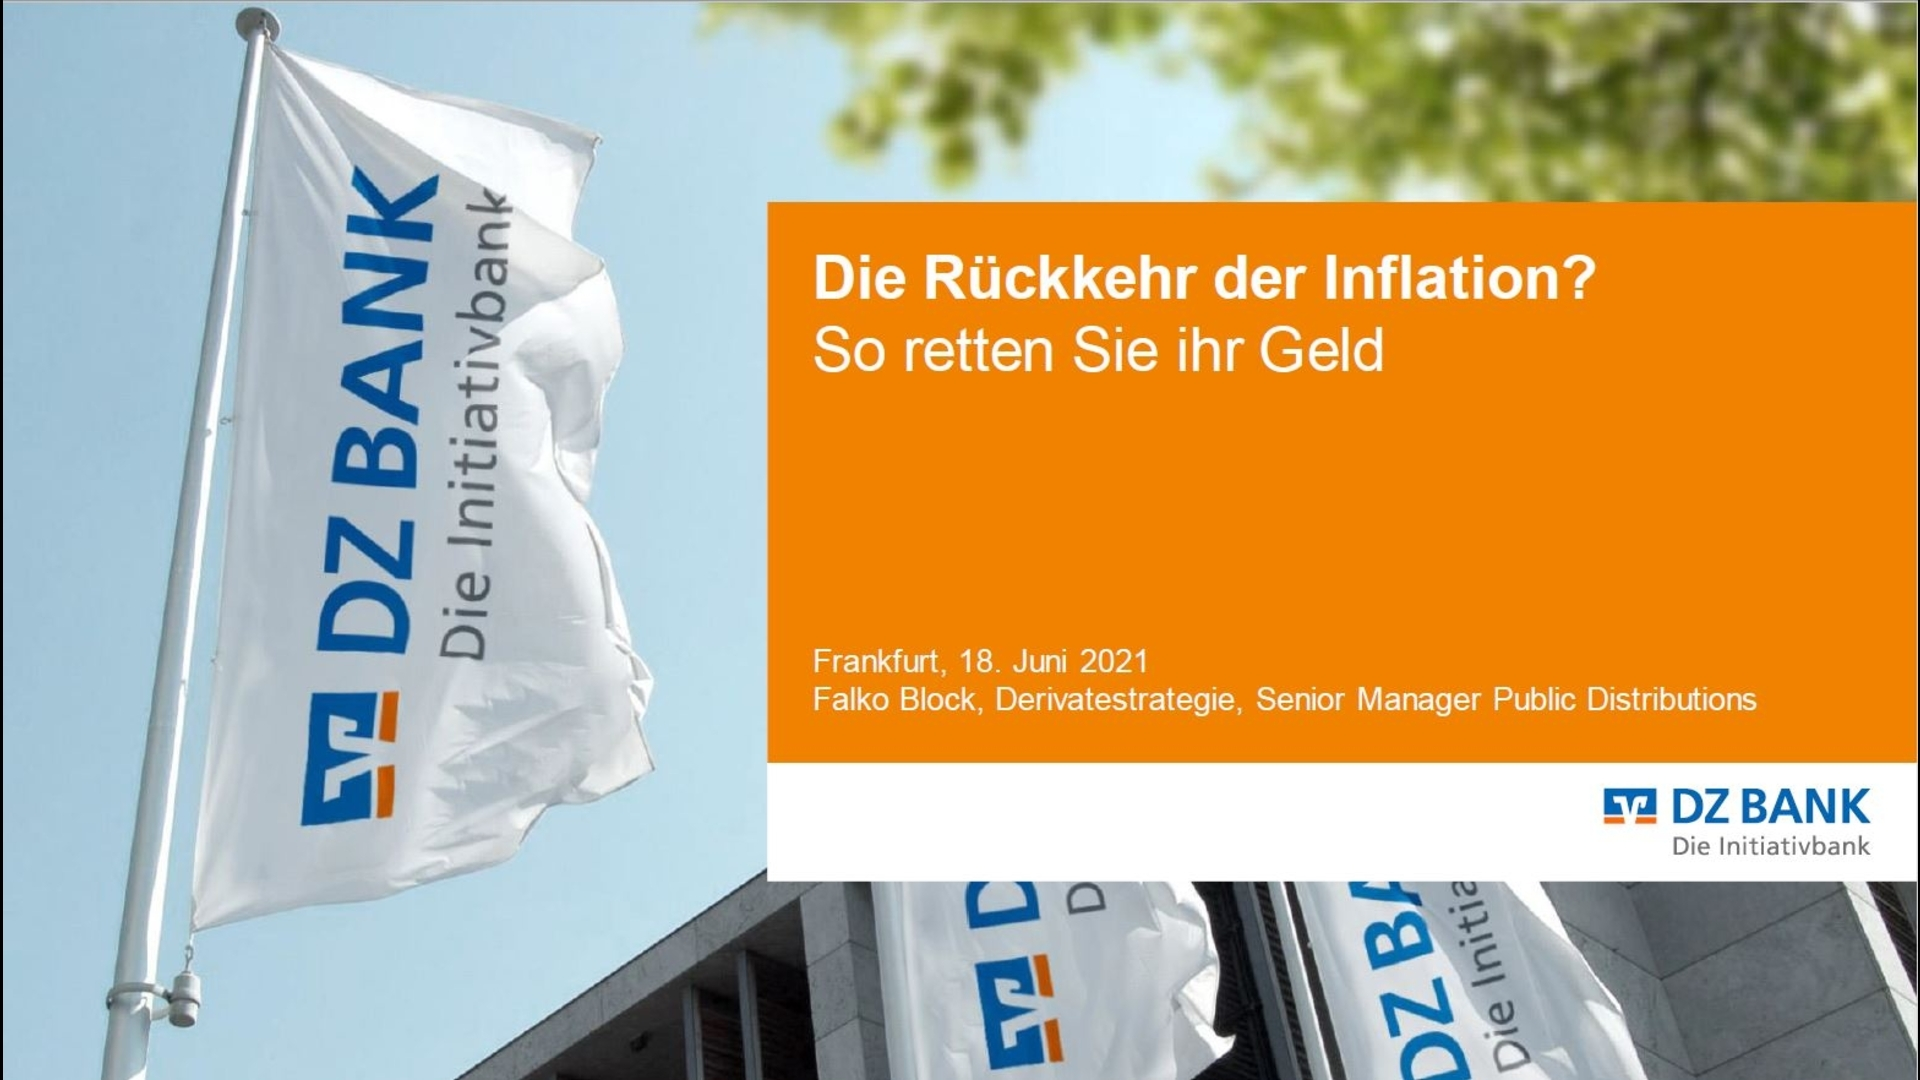 Die Rückkehr der Inflation? So retten Sie ihr Geld